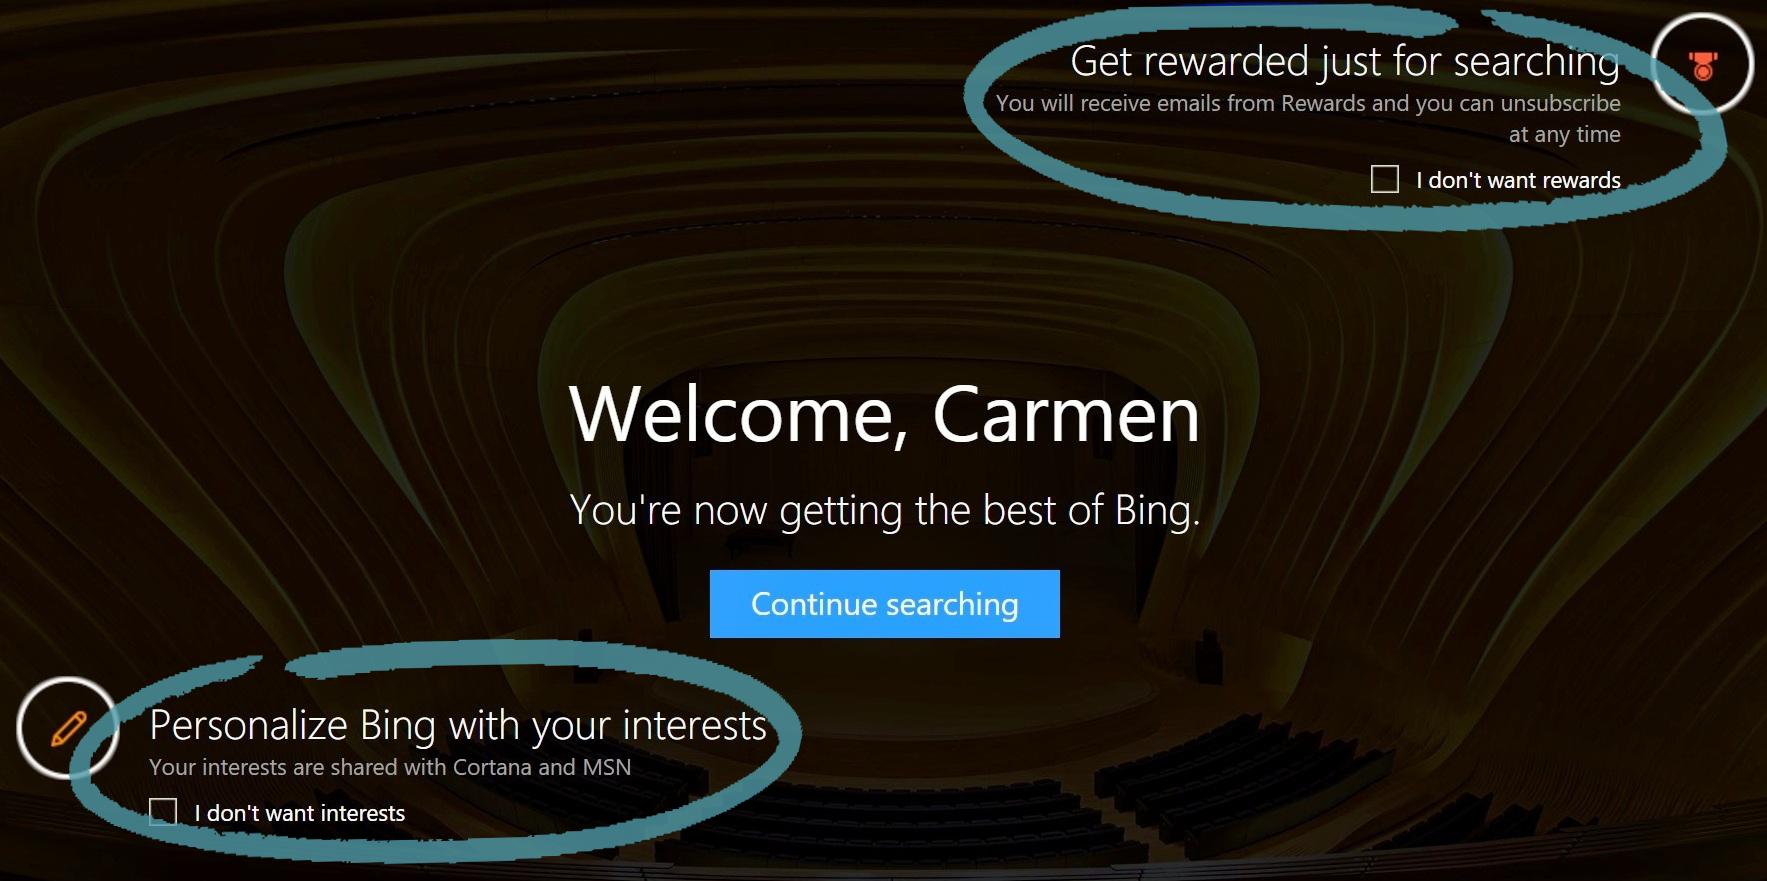 Bing-startside med mulighed for tilmelding til Belønninger og Interesser